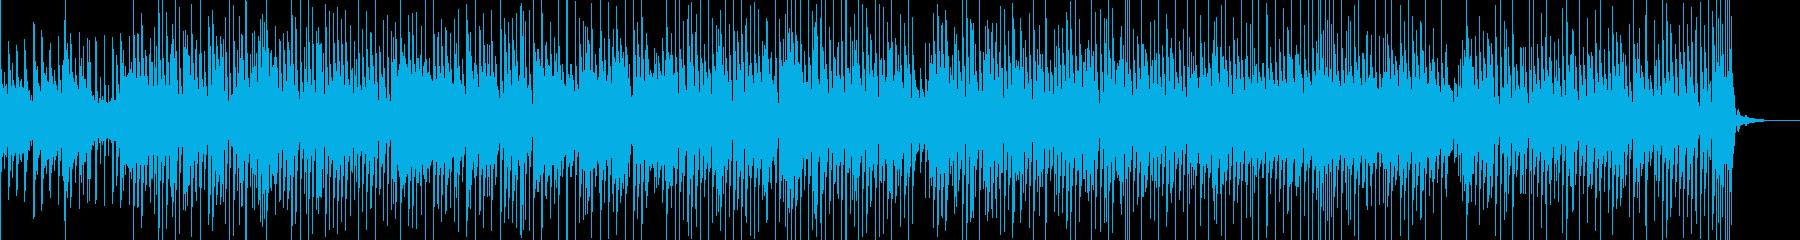 切なく爽やかな雰囲気のBGMの再生済みの波形